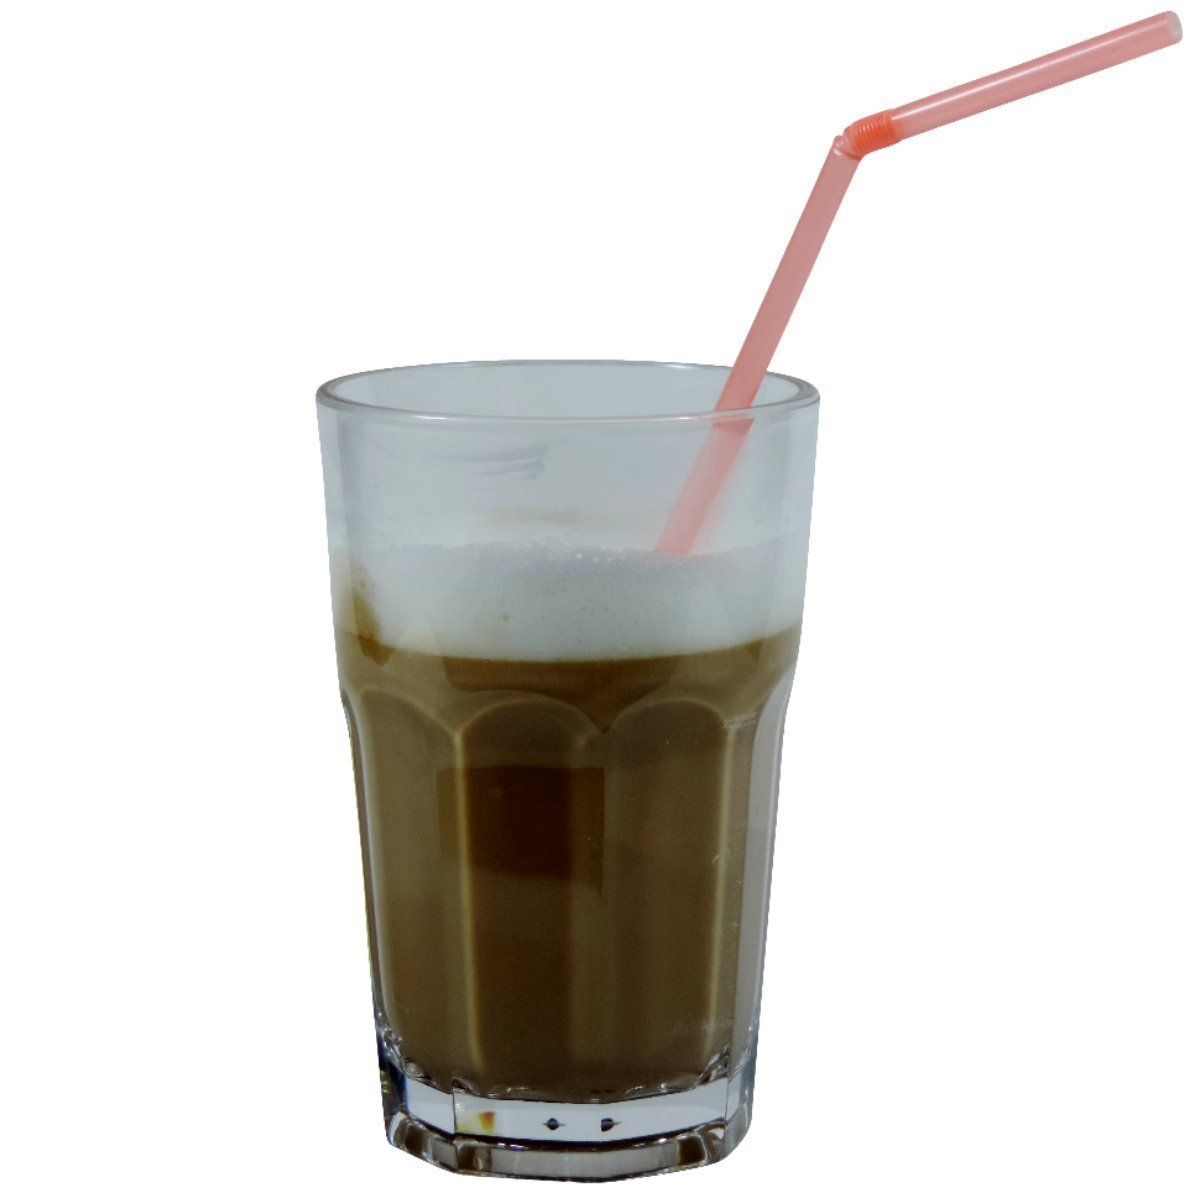 6df9dafd5e9d16 Viva Haushaltswaren - 2 x bruchfestes Whiskyglas 240 ml